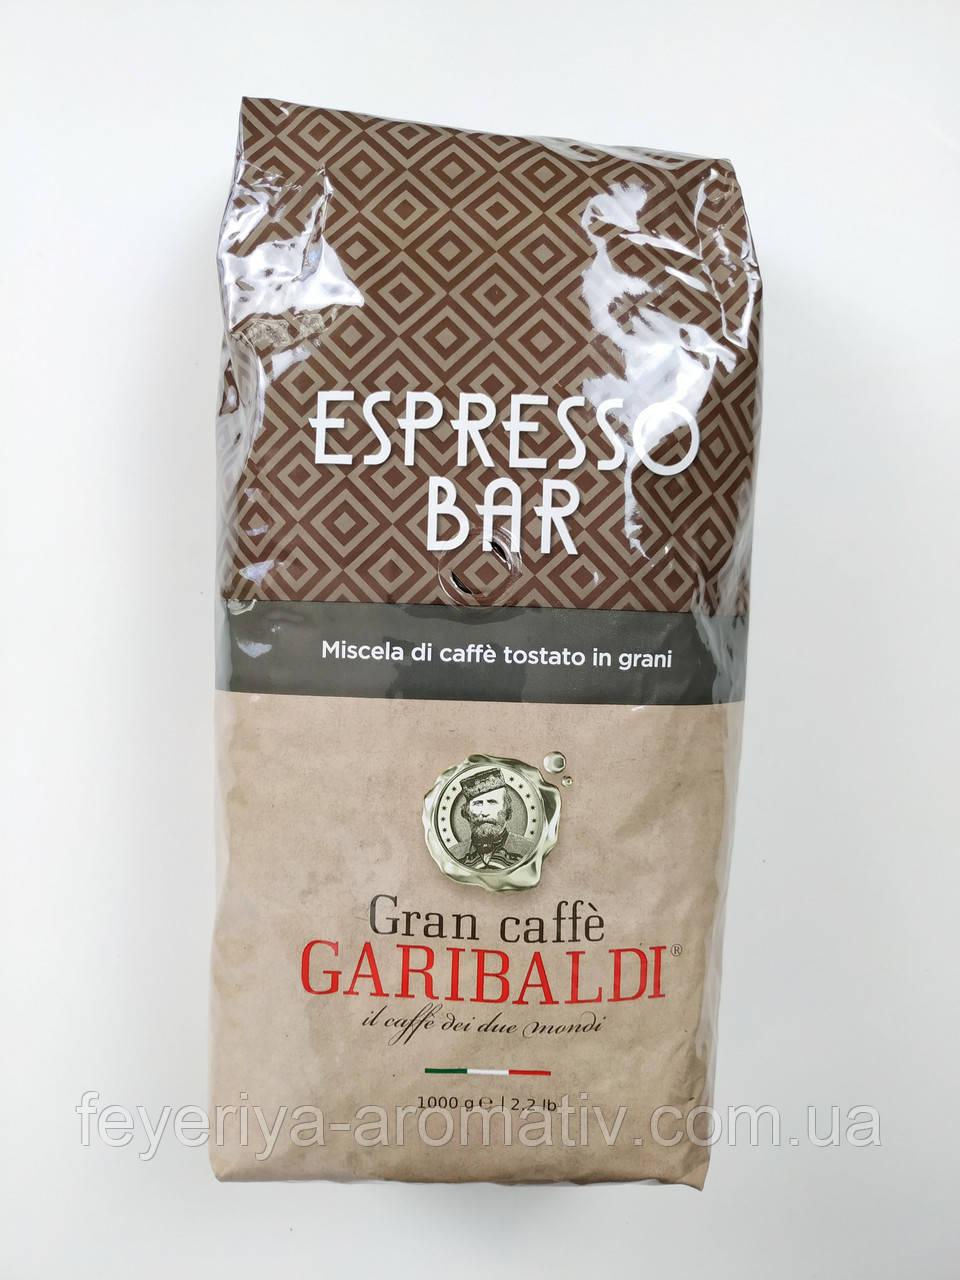 Кофе в зернах Espresso bar Gran caffe Garibaldi 1кг. (Италия)